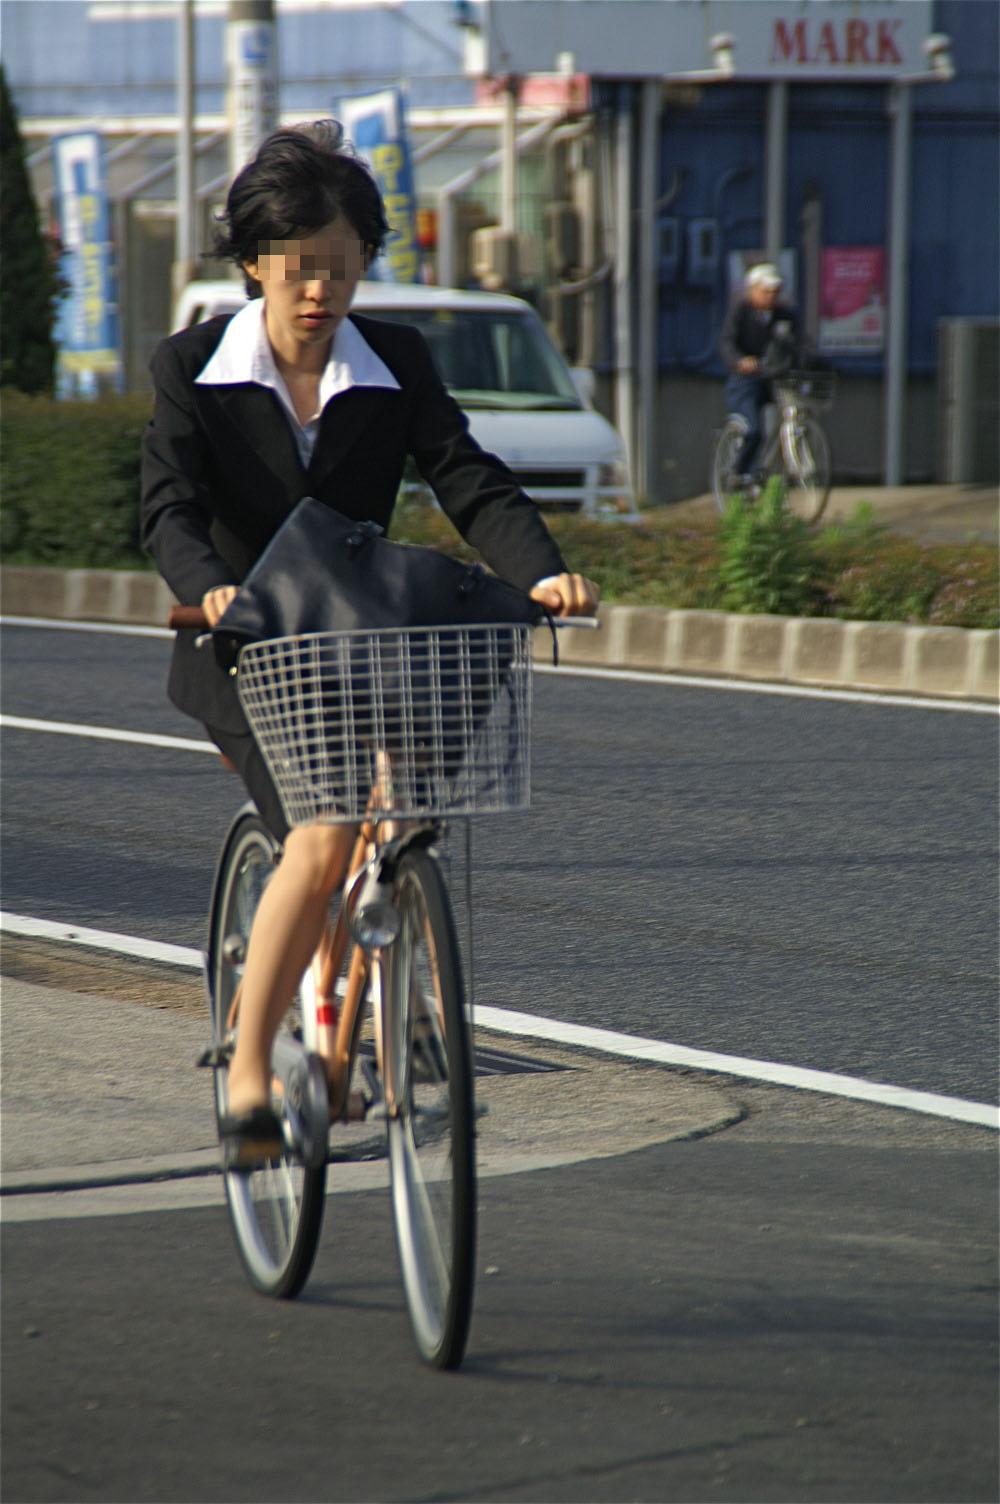 美脚タイトスカート三角の自転車OL盗撮エロ画像8枚目